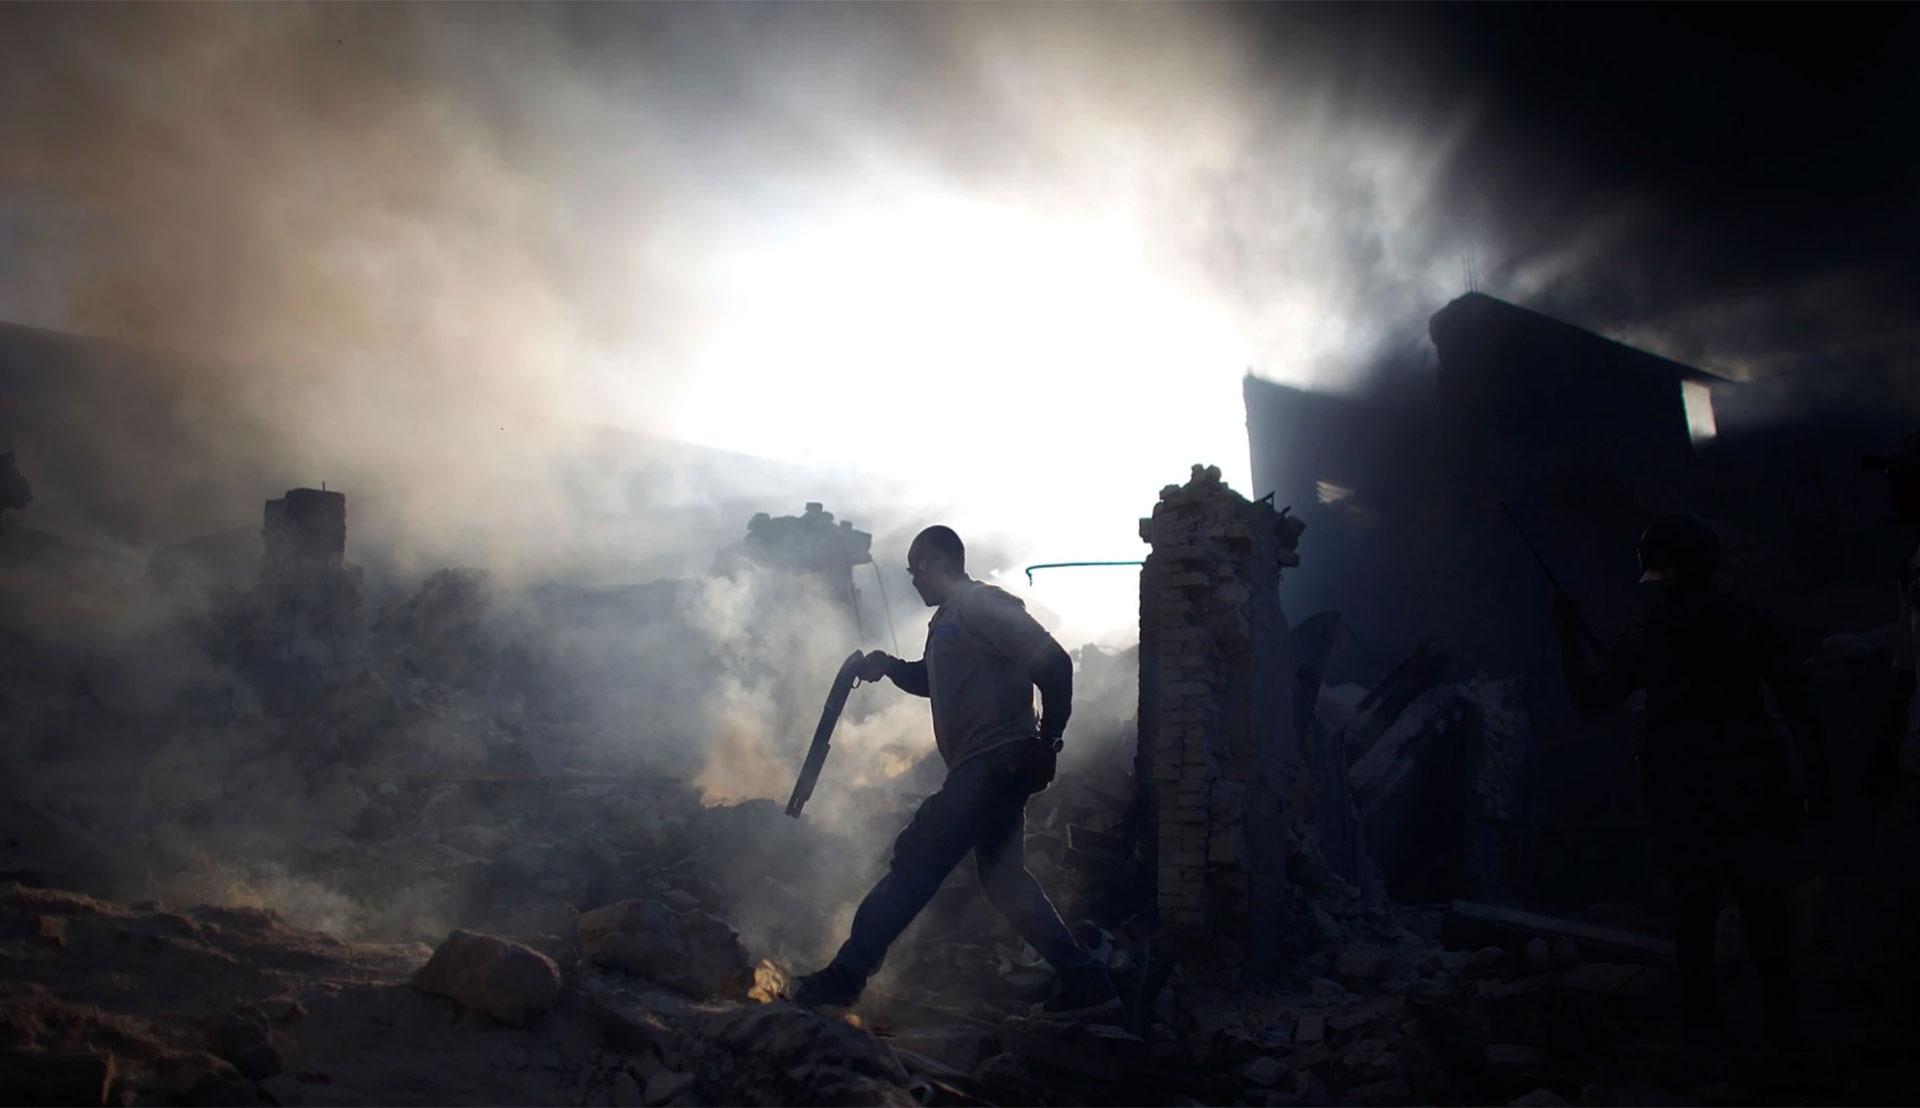 En Puerto Príncipe, David Gilkey capturó este dramático momento: un hombre, entre las ruinas, porta un arma larga. Era el 18 de junio de 2010 y todo era devastación en Haití